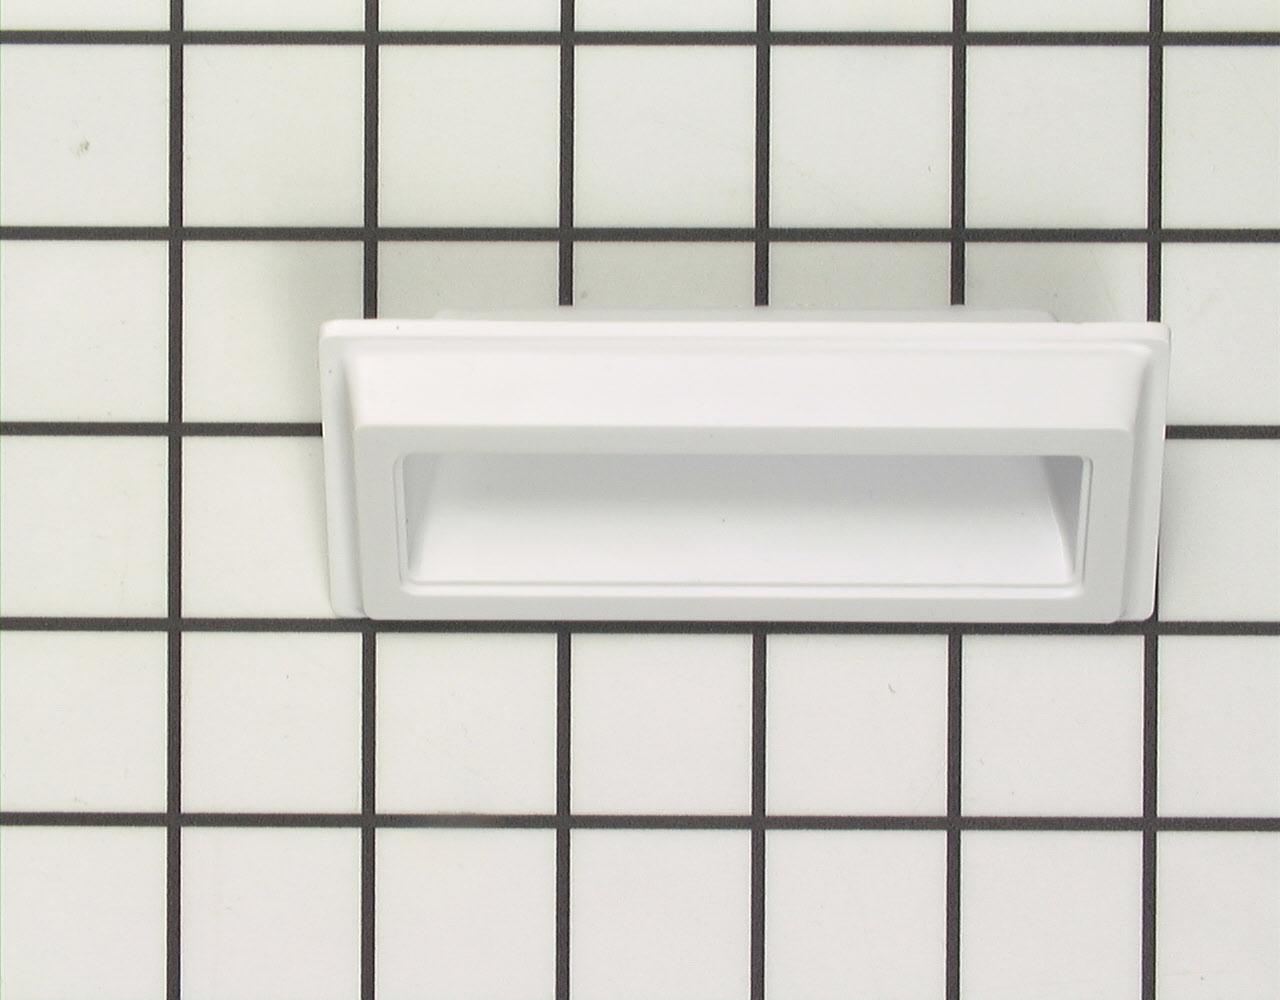 WP686711 Inglis Dryer Part -Door Handle